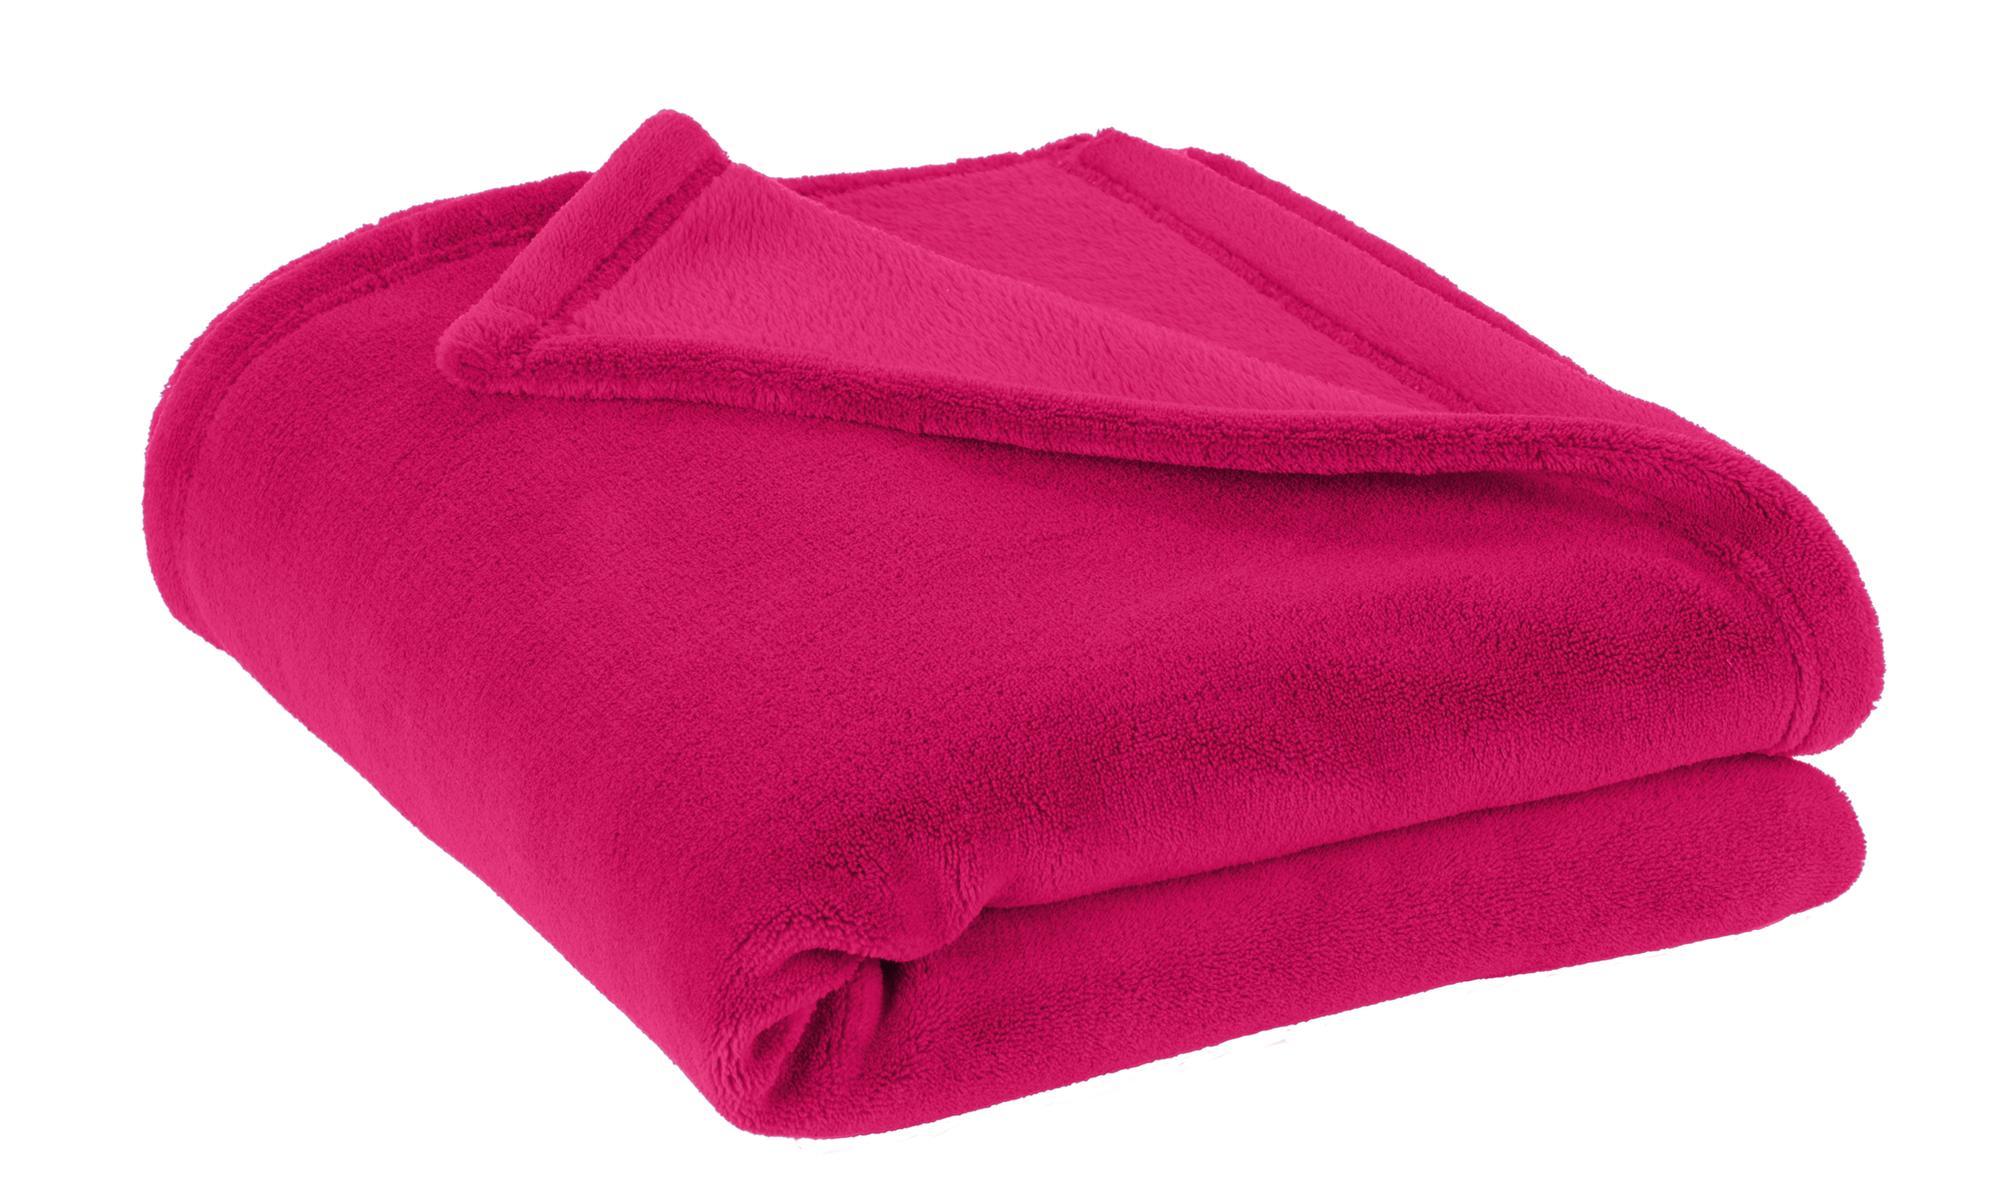 Blanket-Blanket-10